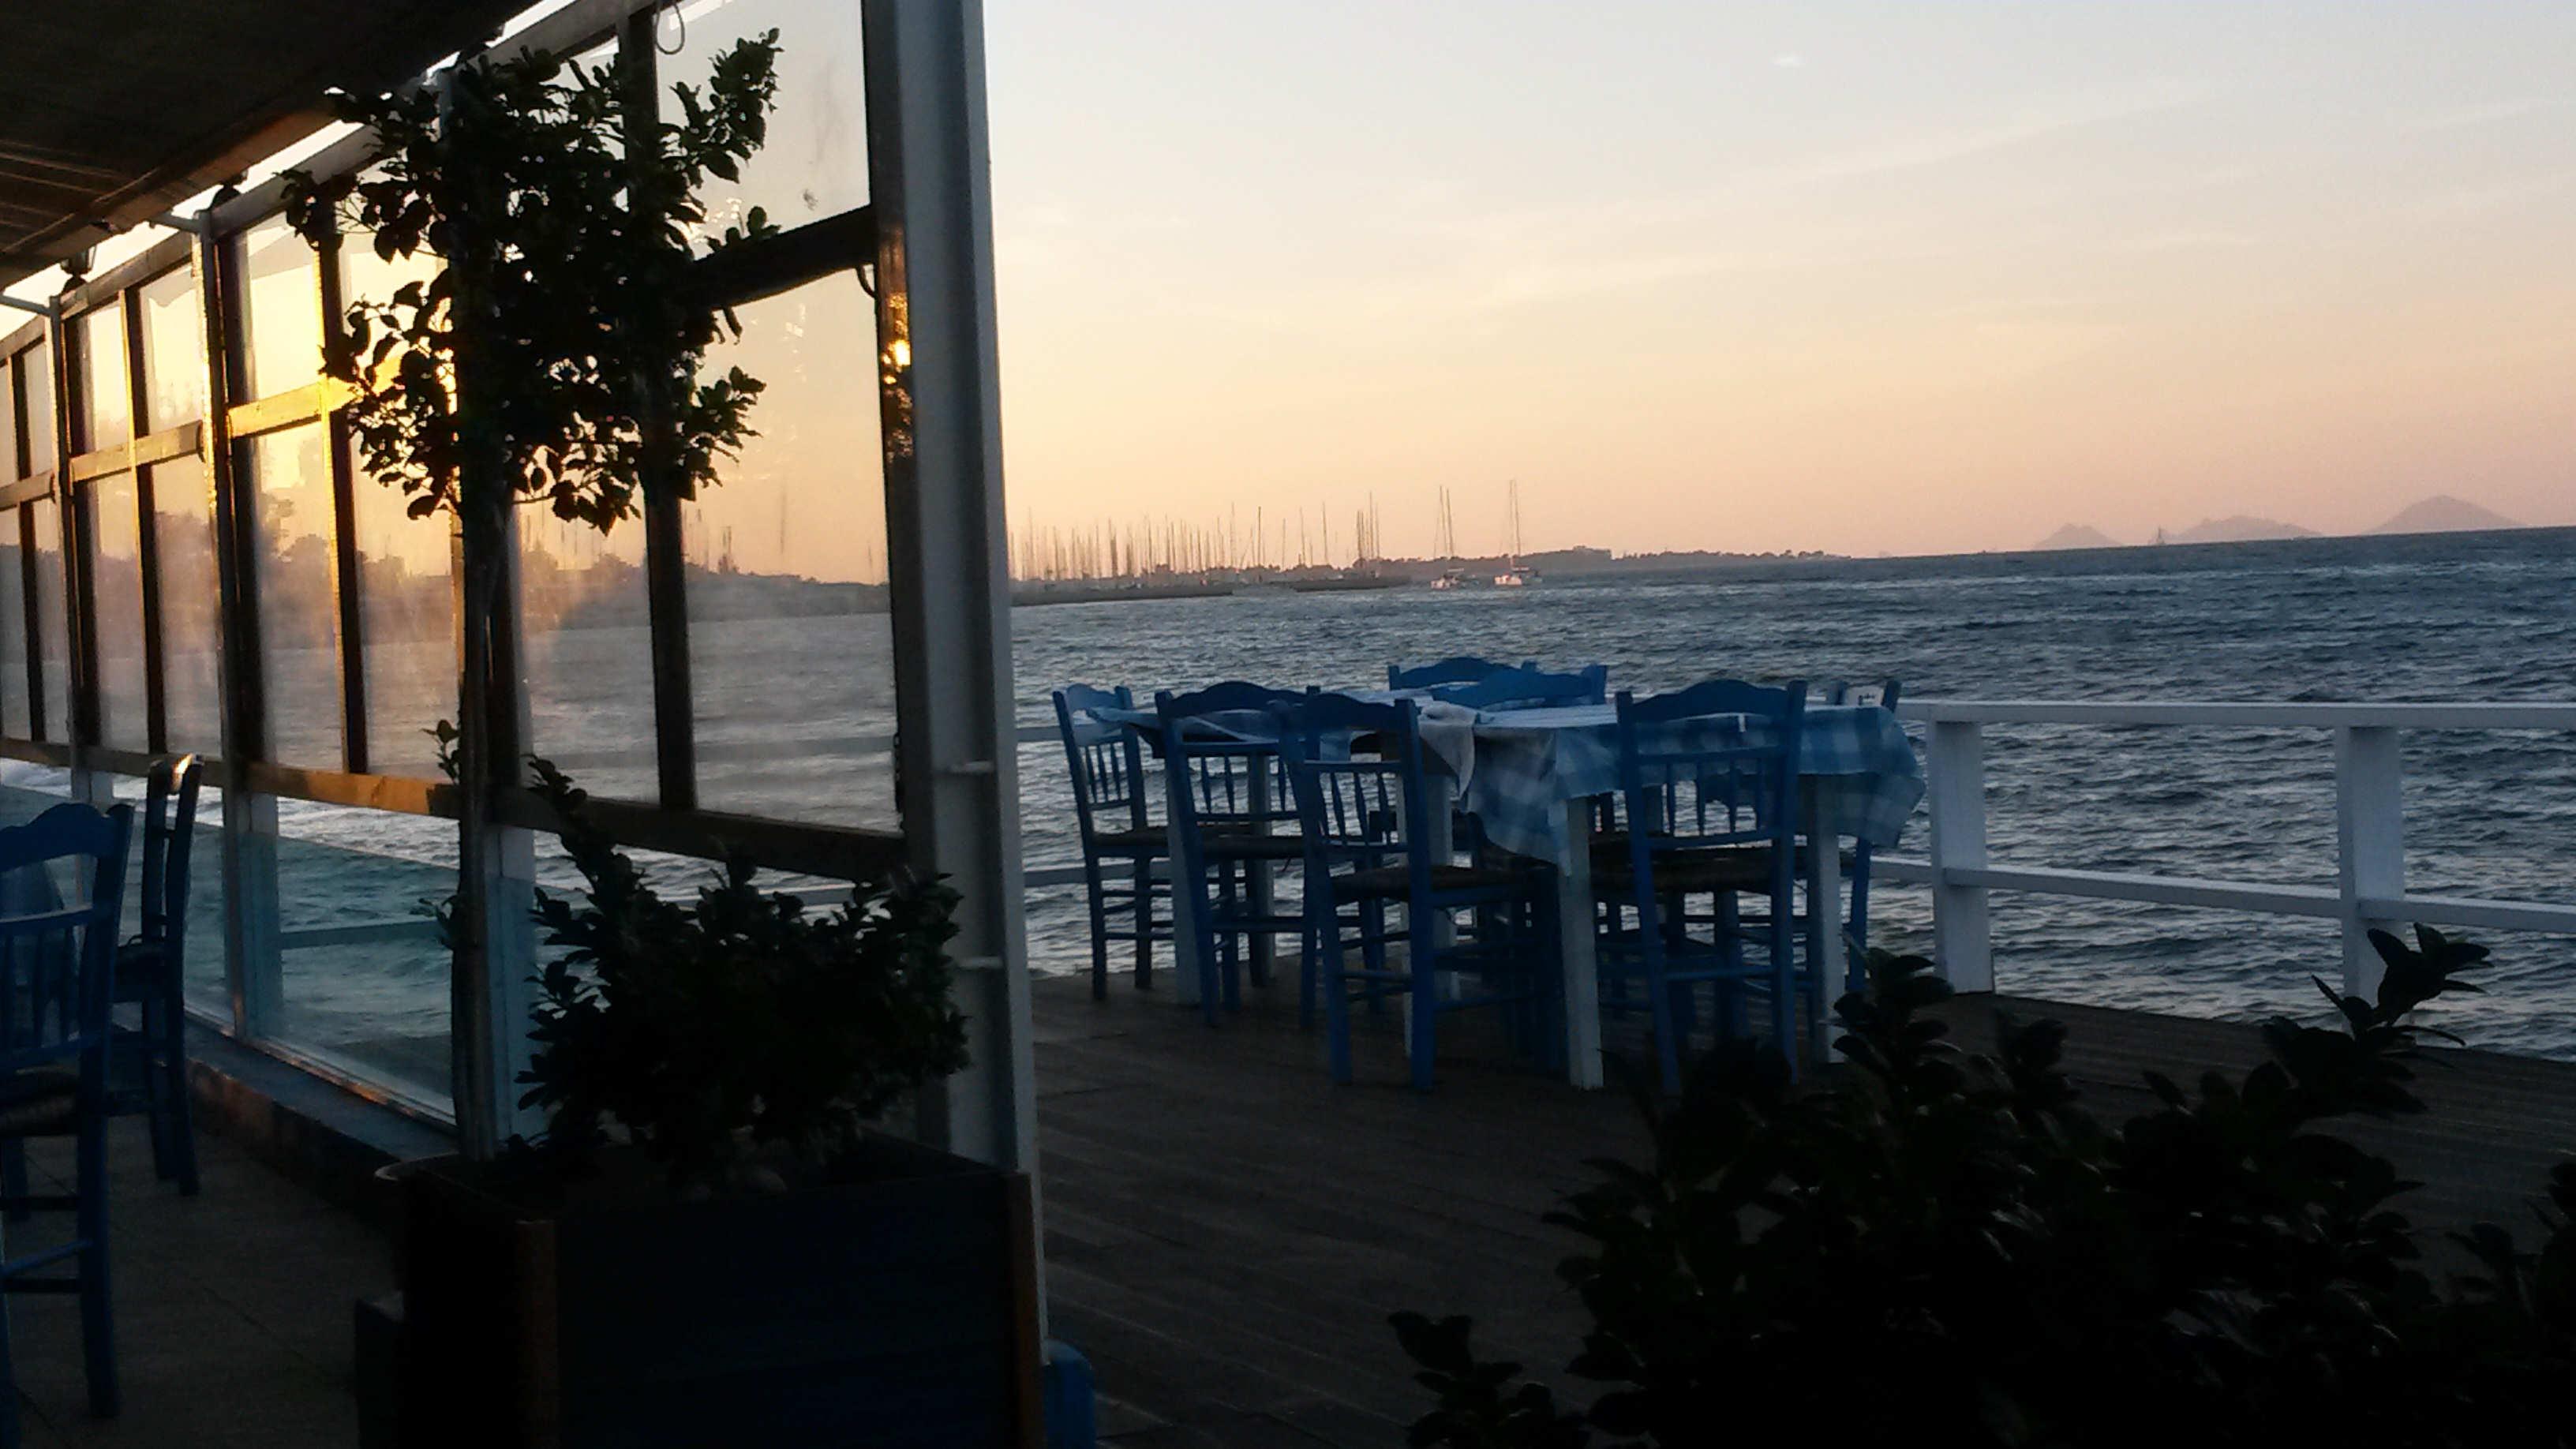 Kosilta löytyy ihania ravintoloita, jotka sijaitsevat aivan meren rannassa.